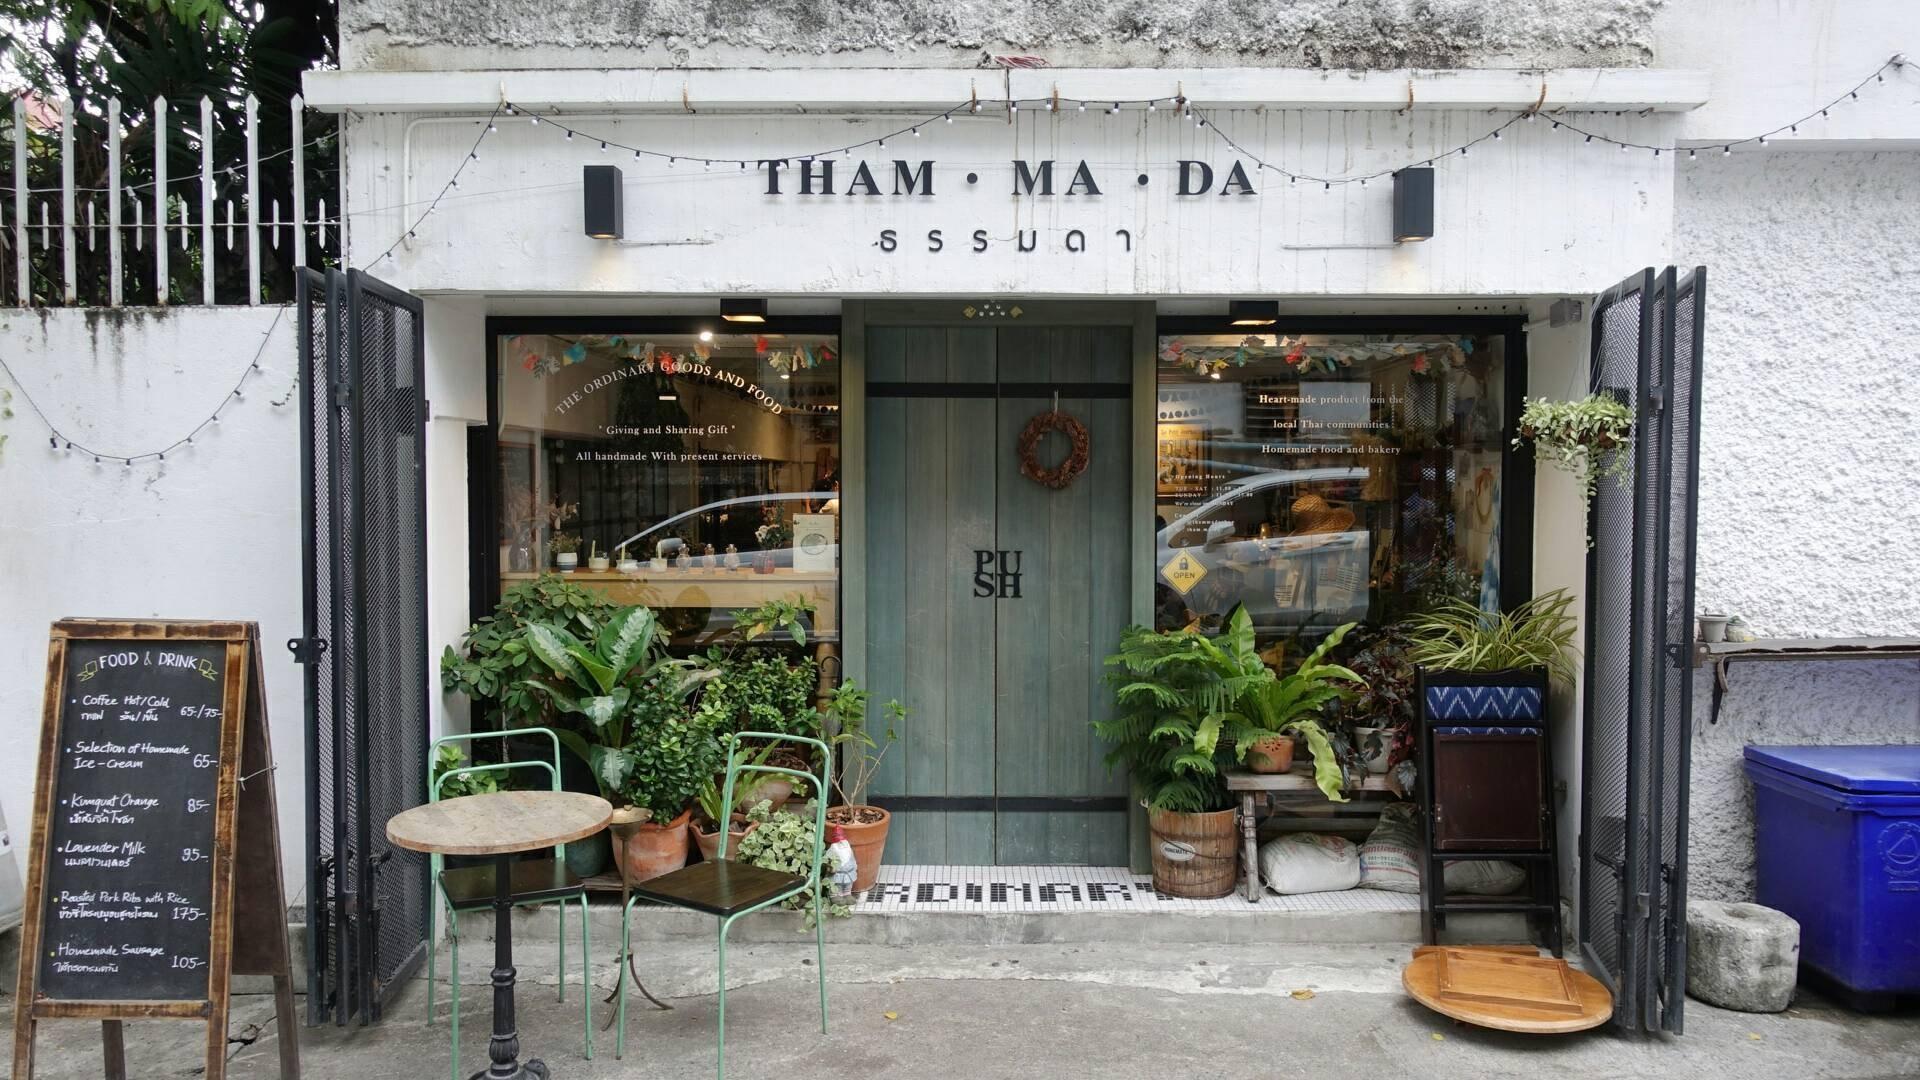 Tham.ma.da